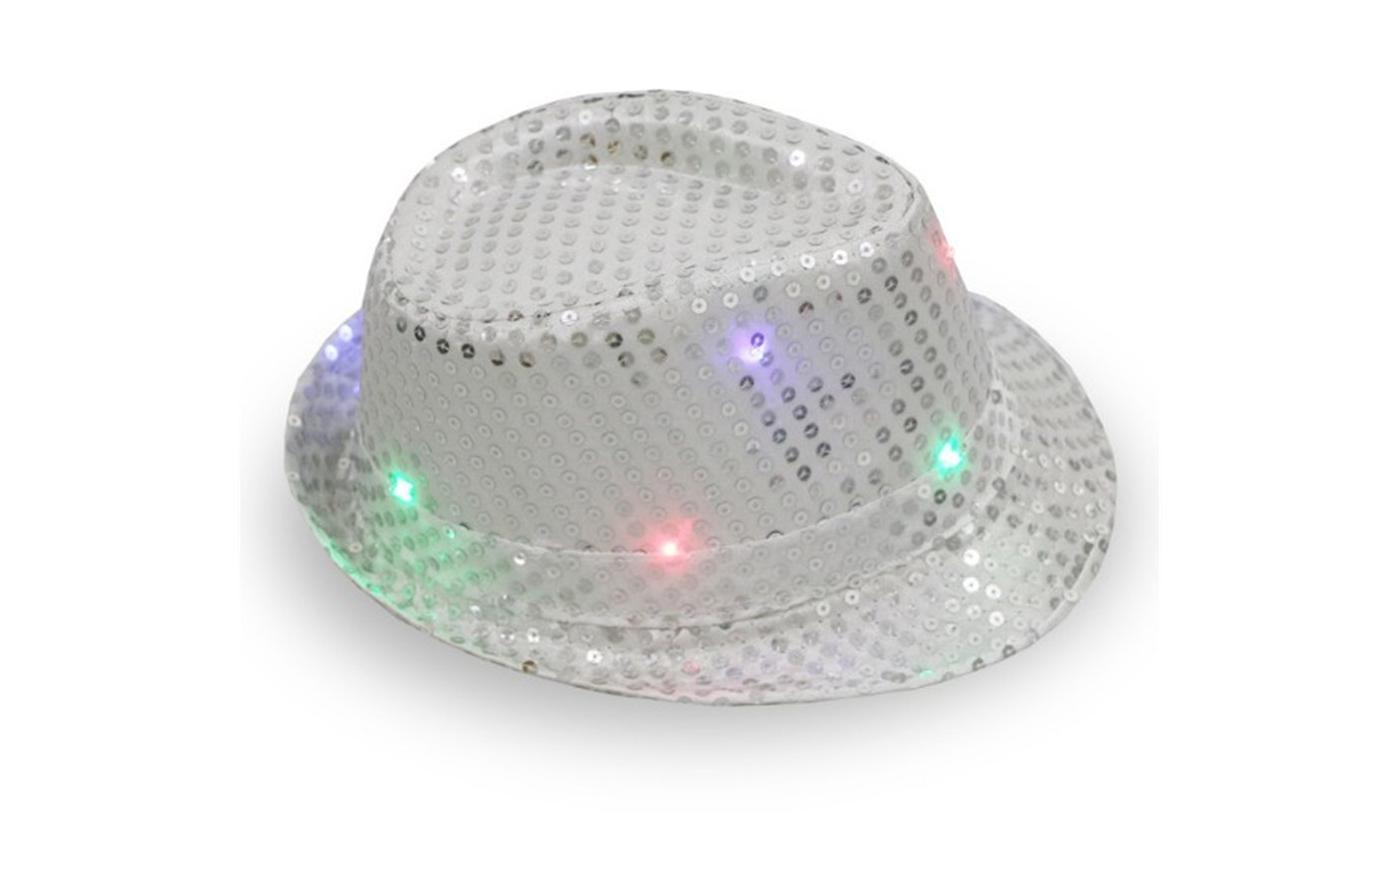 新款亮片led灯爵士帽-嘻哈夜晚舞台